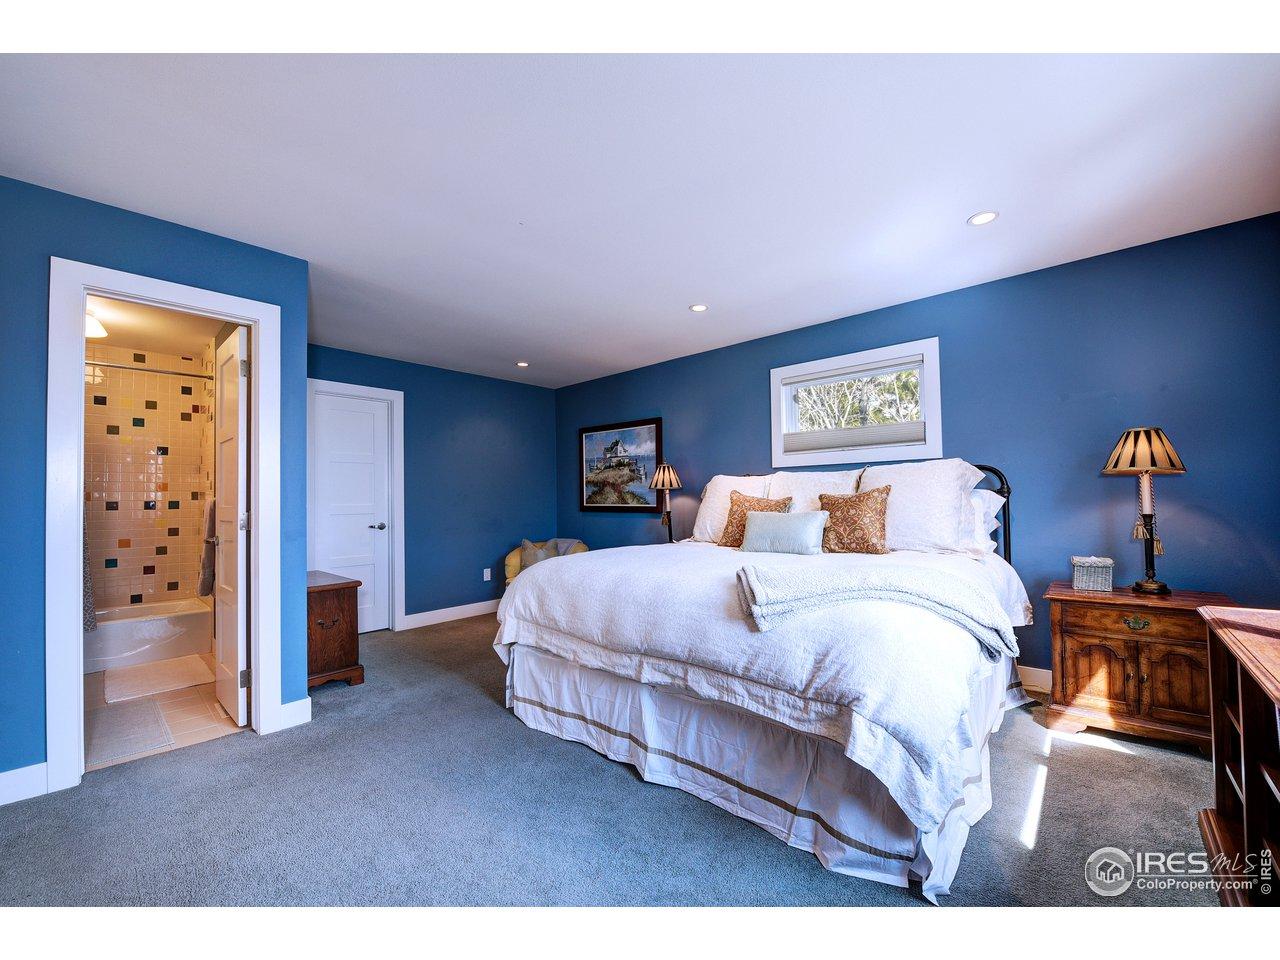 Carpeted floors in 2nd bedroom